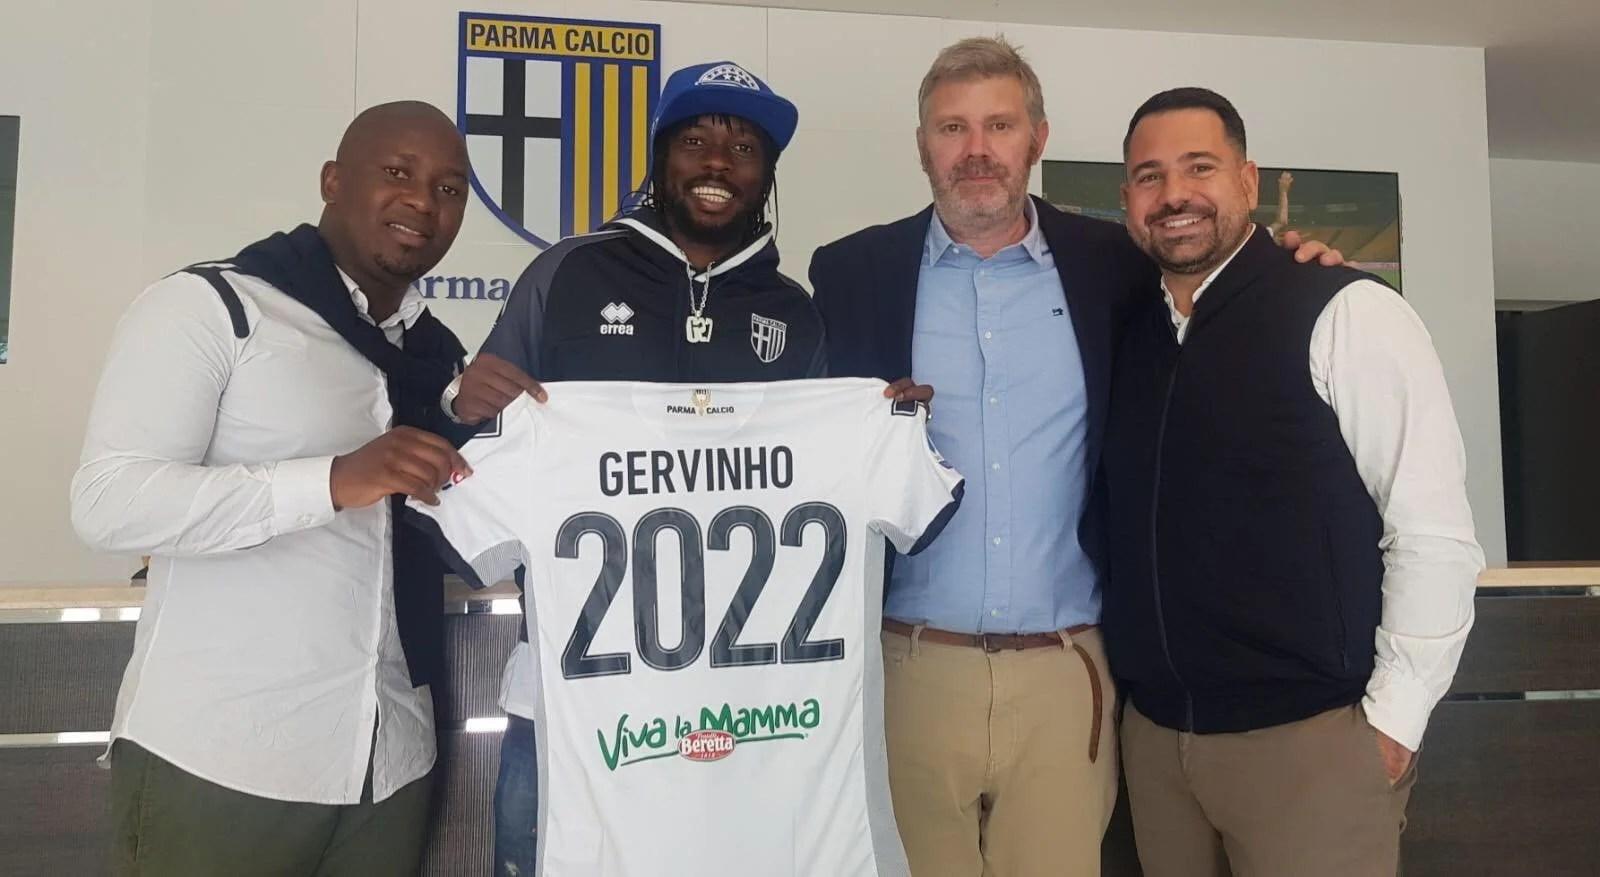 Gervinho prolonge avec Parma Jmg management